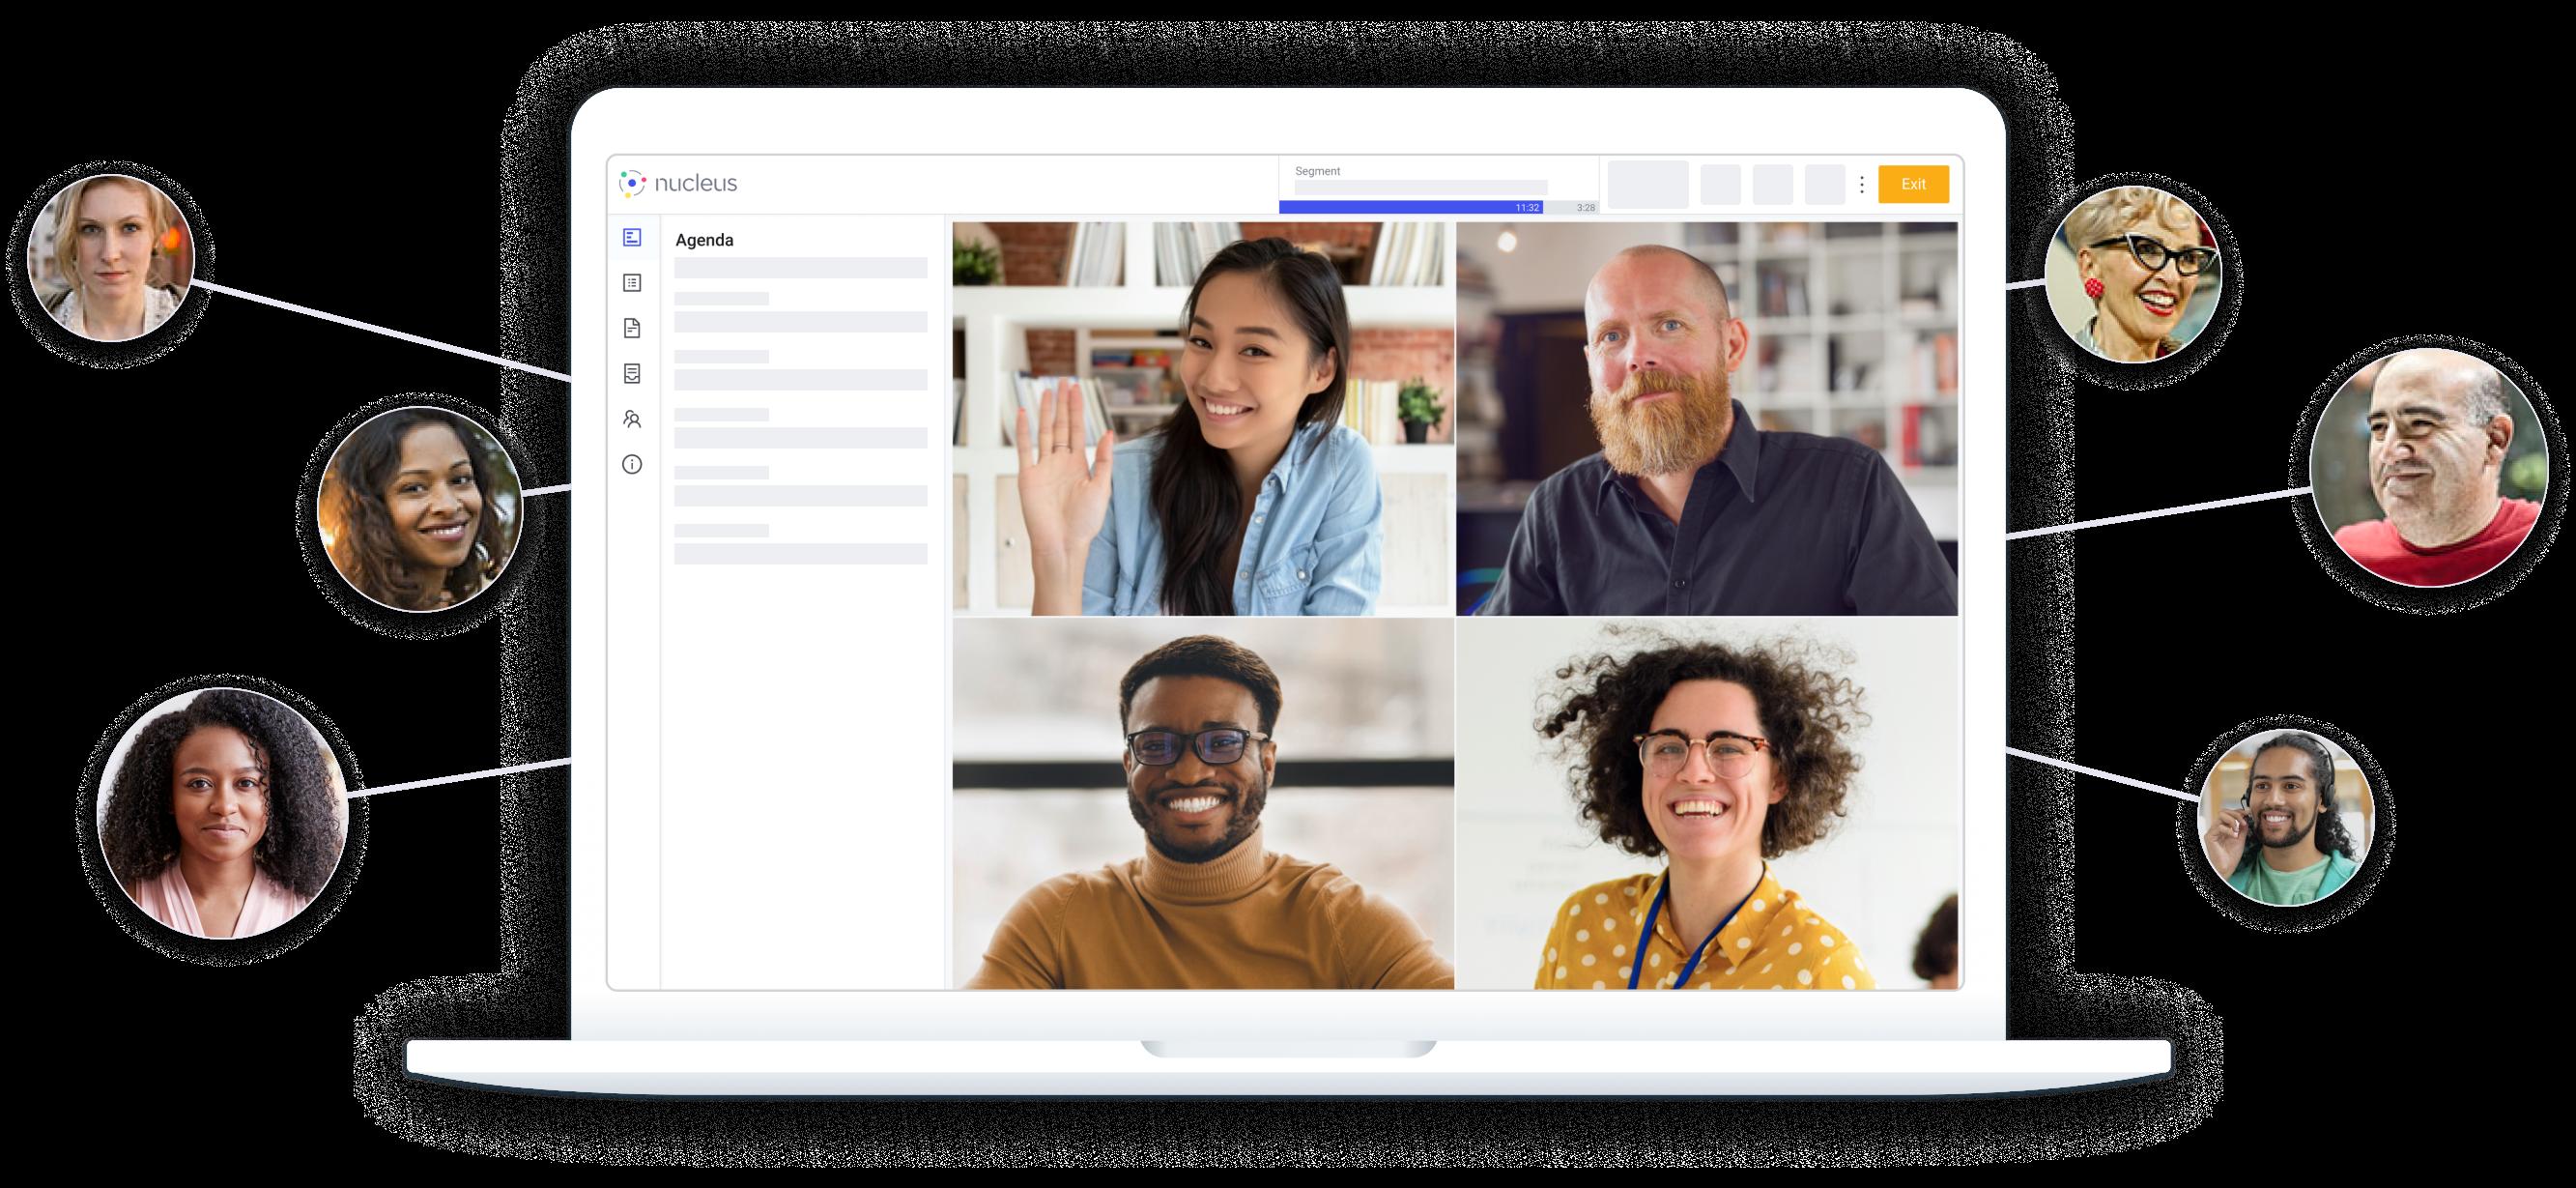 nucleus virtual meeting displayed on laptop